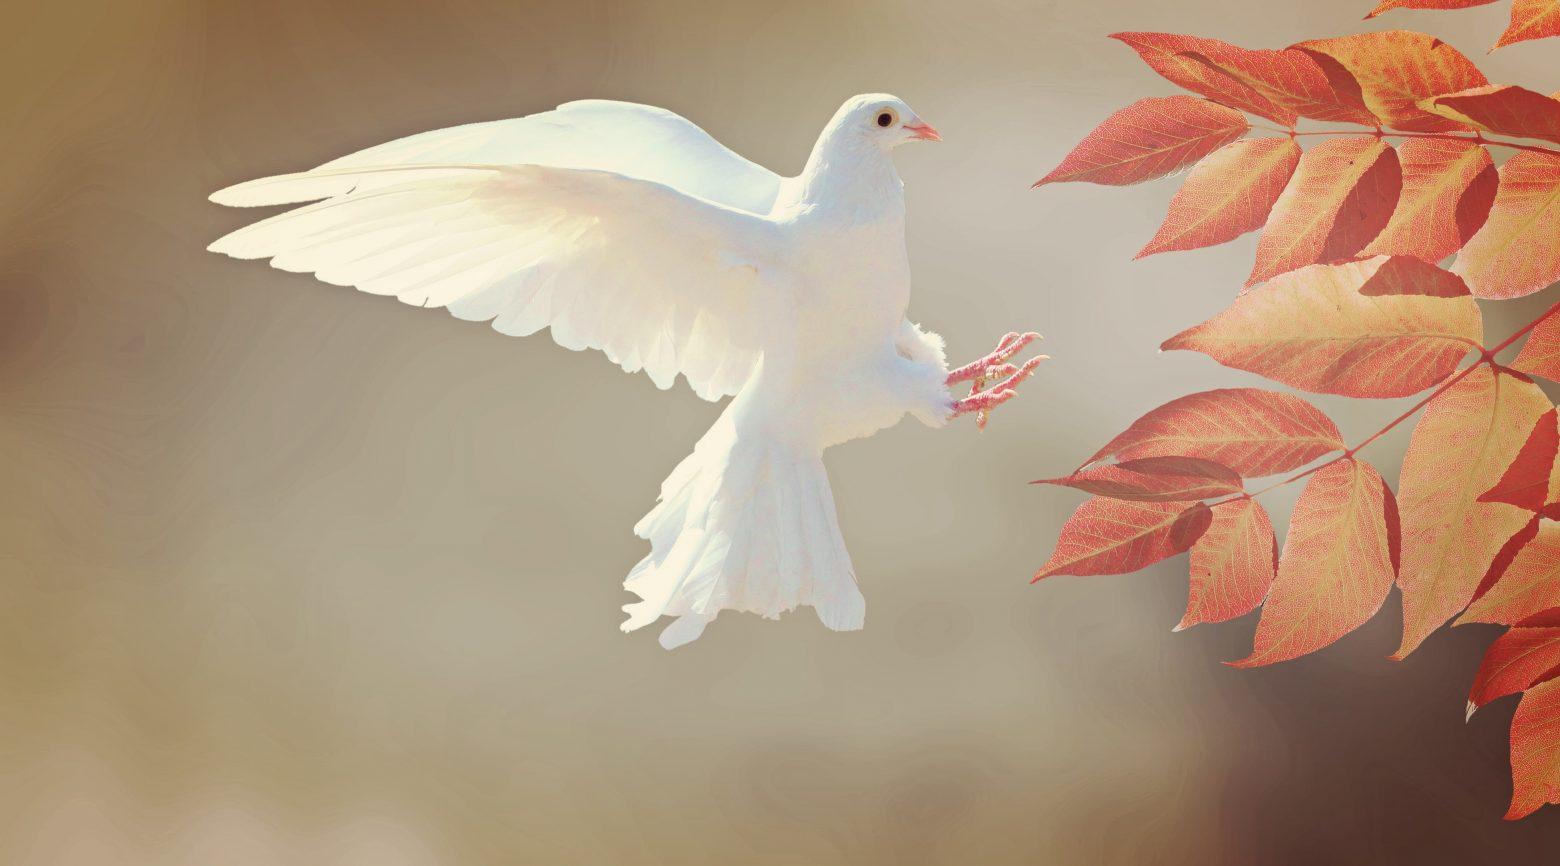 dove-2516641